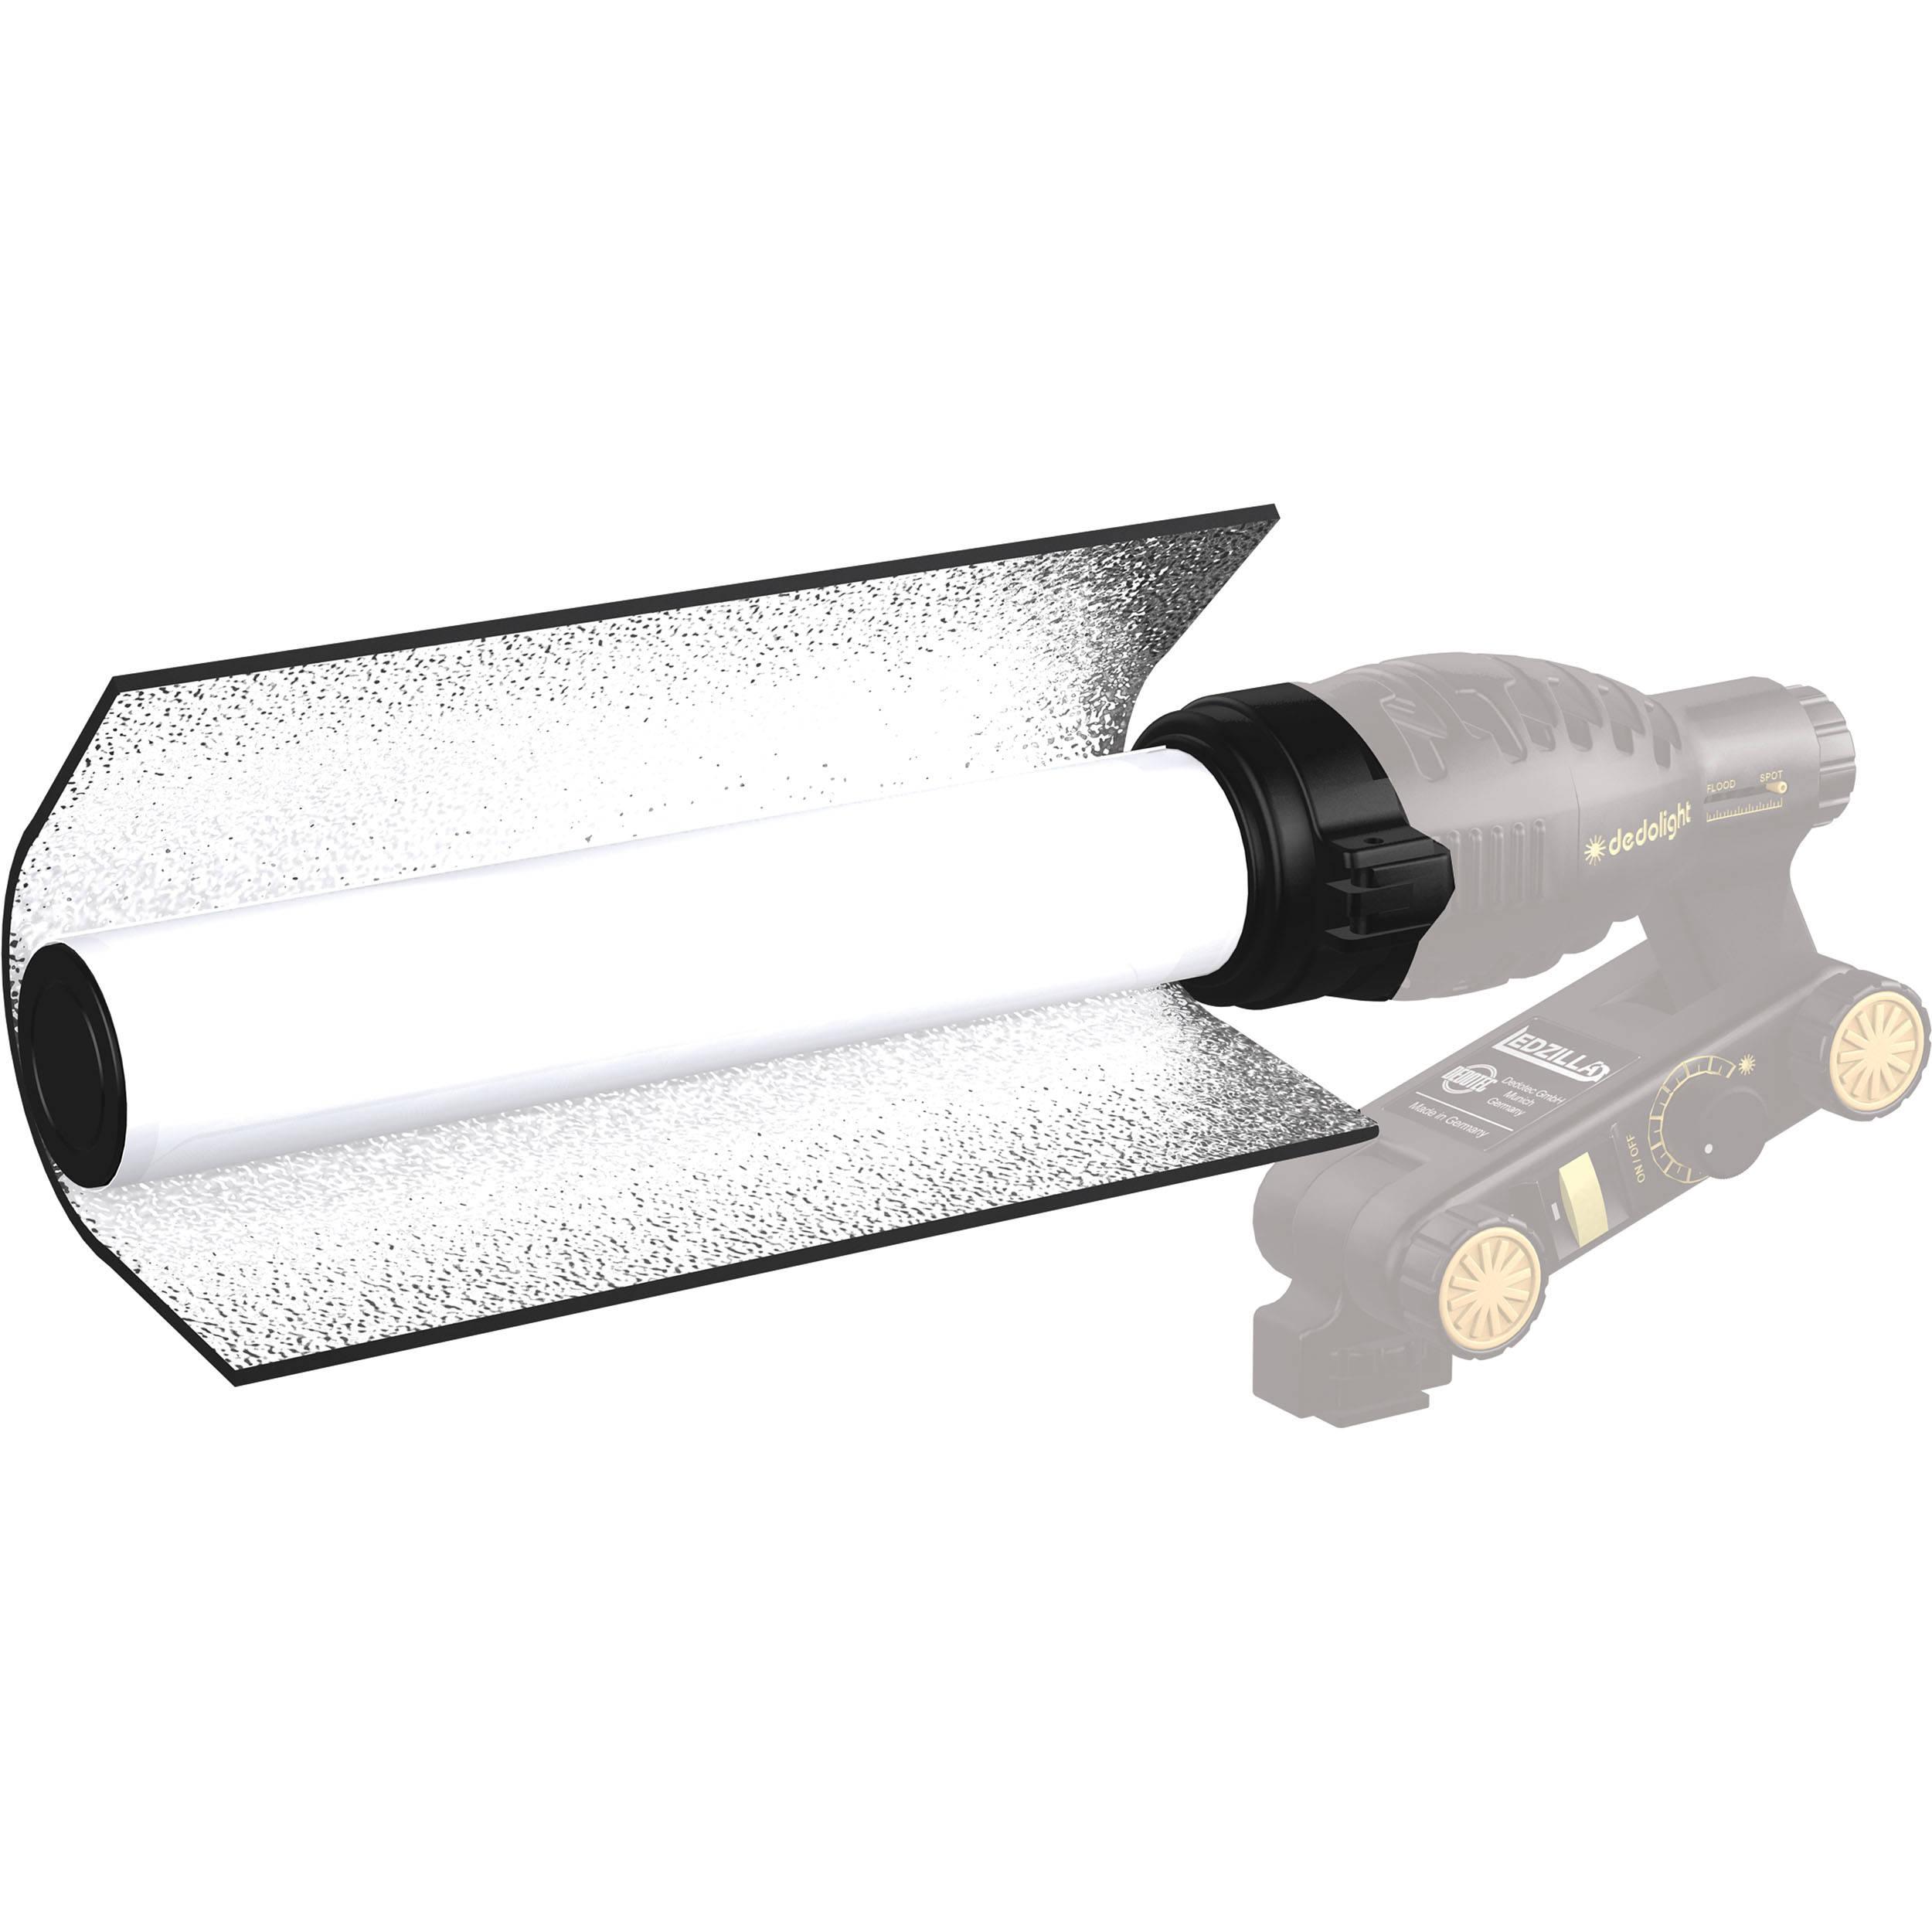 Dedolight 8 Soft Tube Light Shaper DLOBML LT20 B H Photo